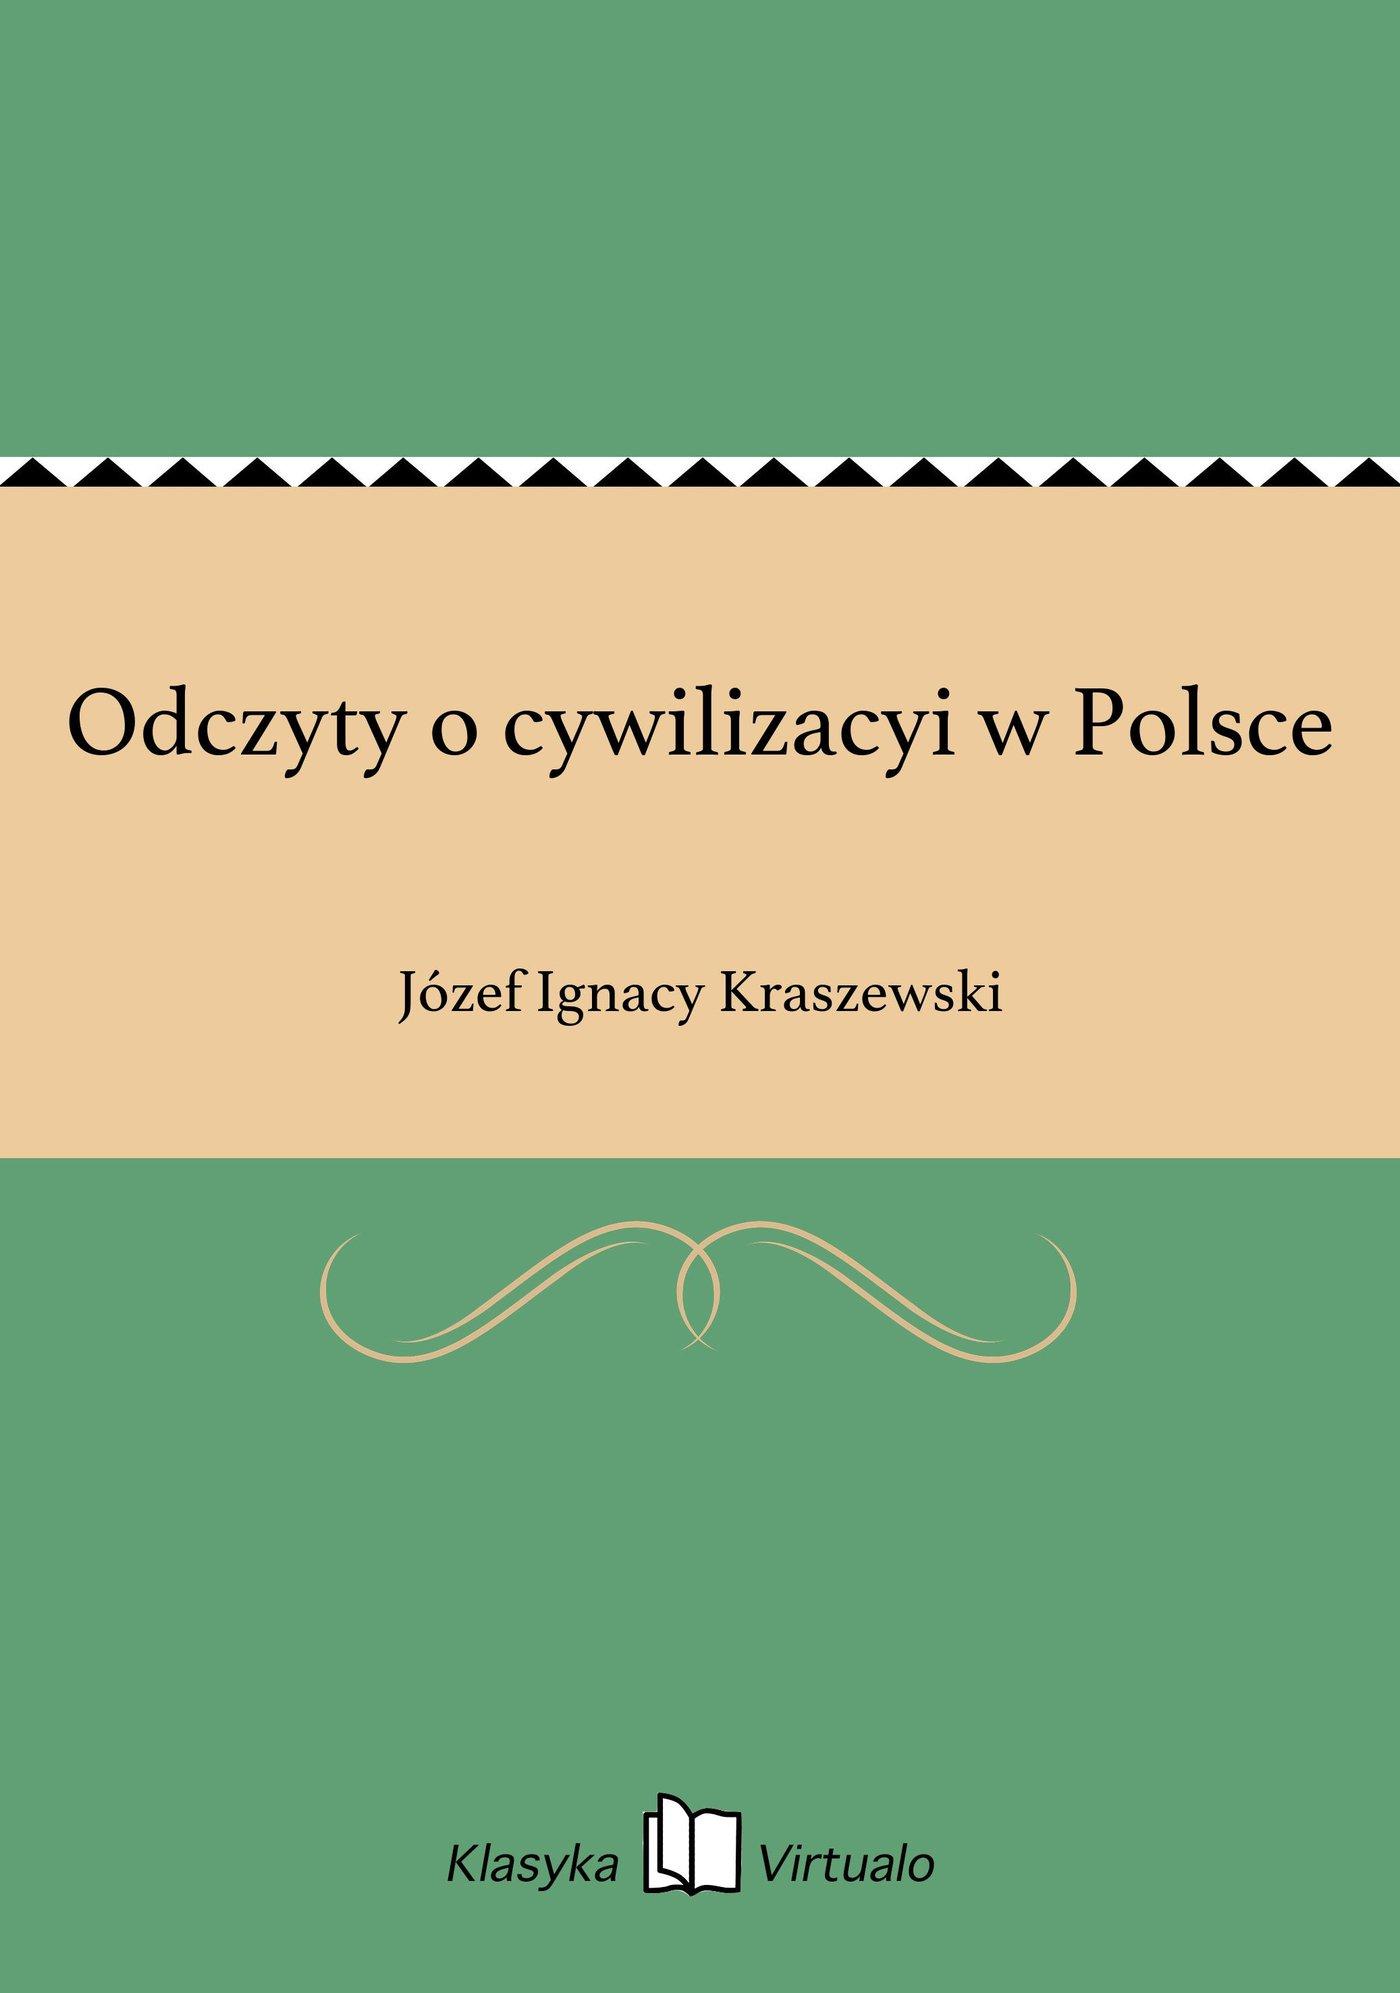 Odczyty o cywilizacyi w Polsce - Ebook (Książka EPUB) do pobrania w formacie EPUB